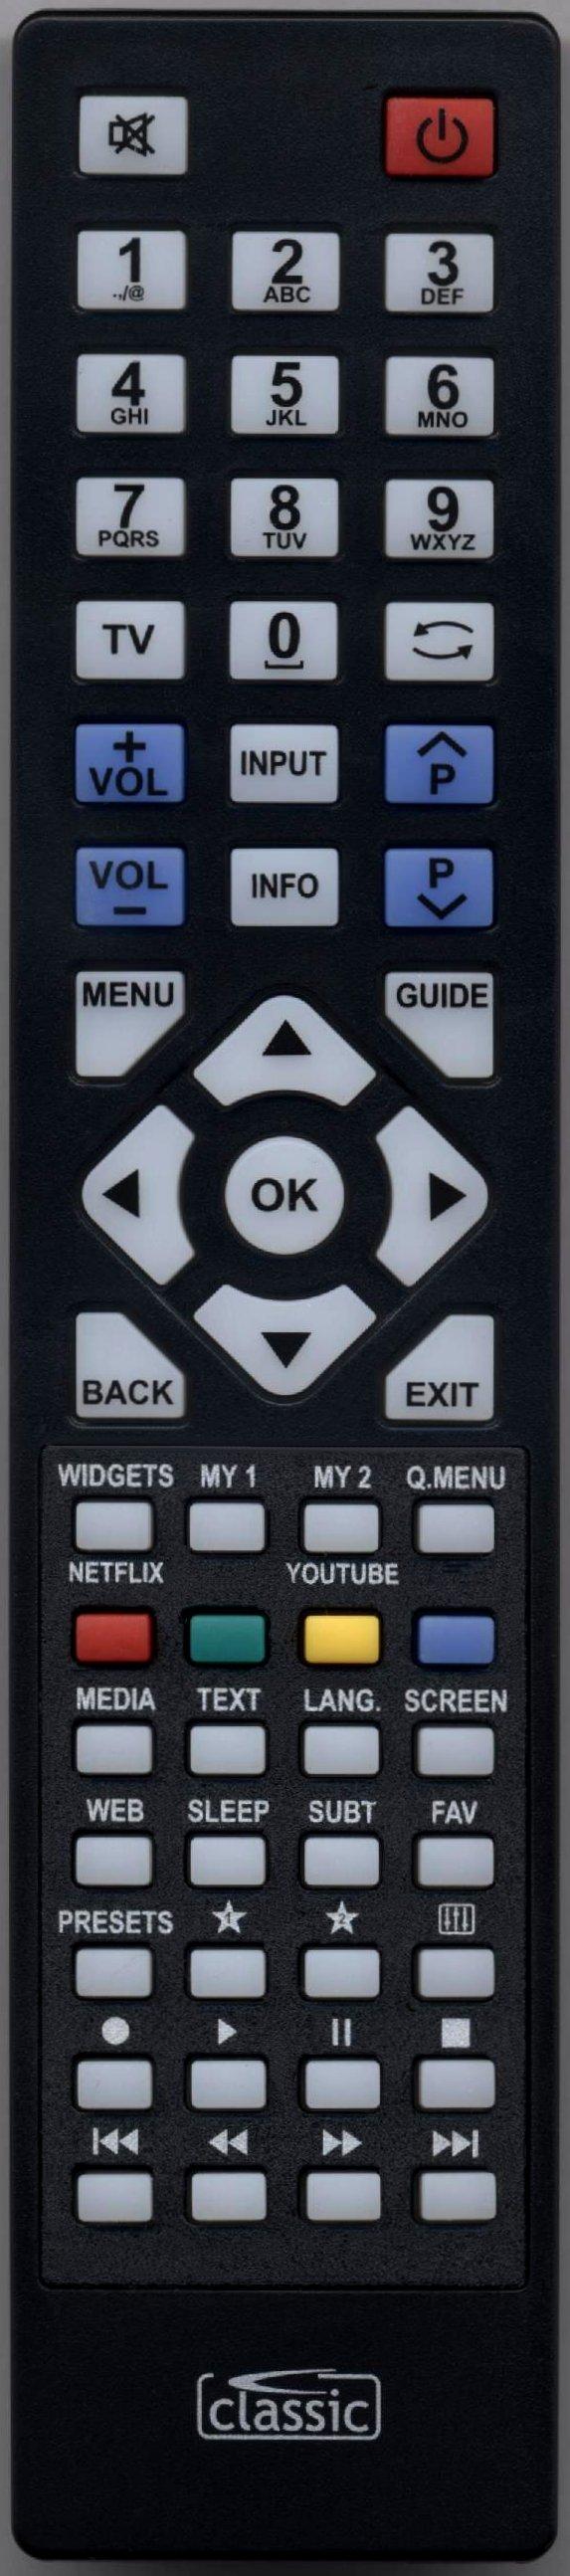 LUXOR LUX0132002/1 Remote Control Alternative